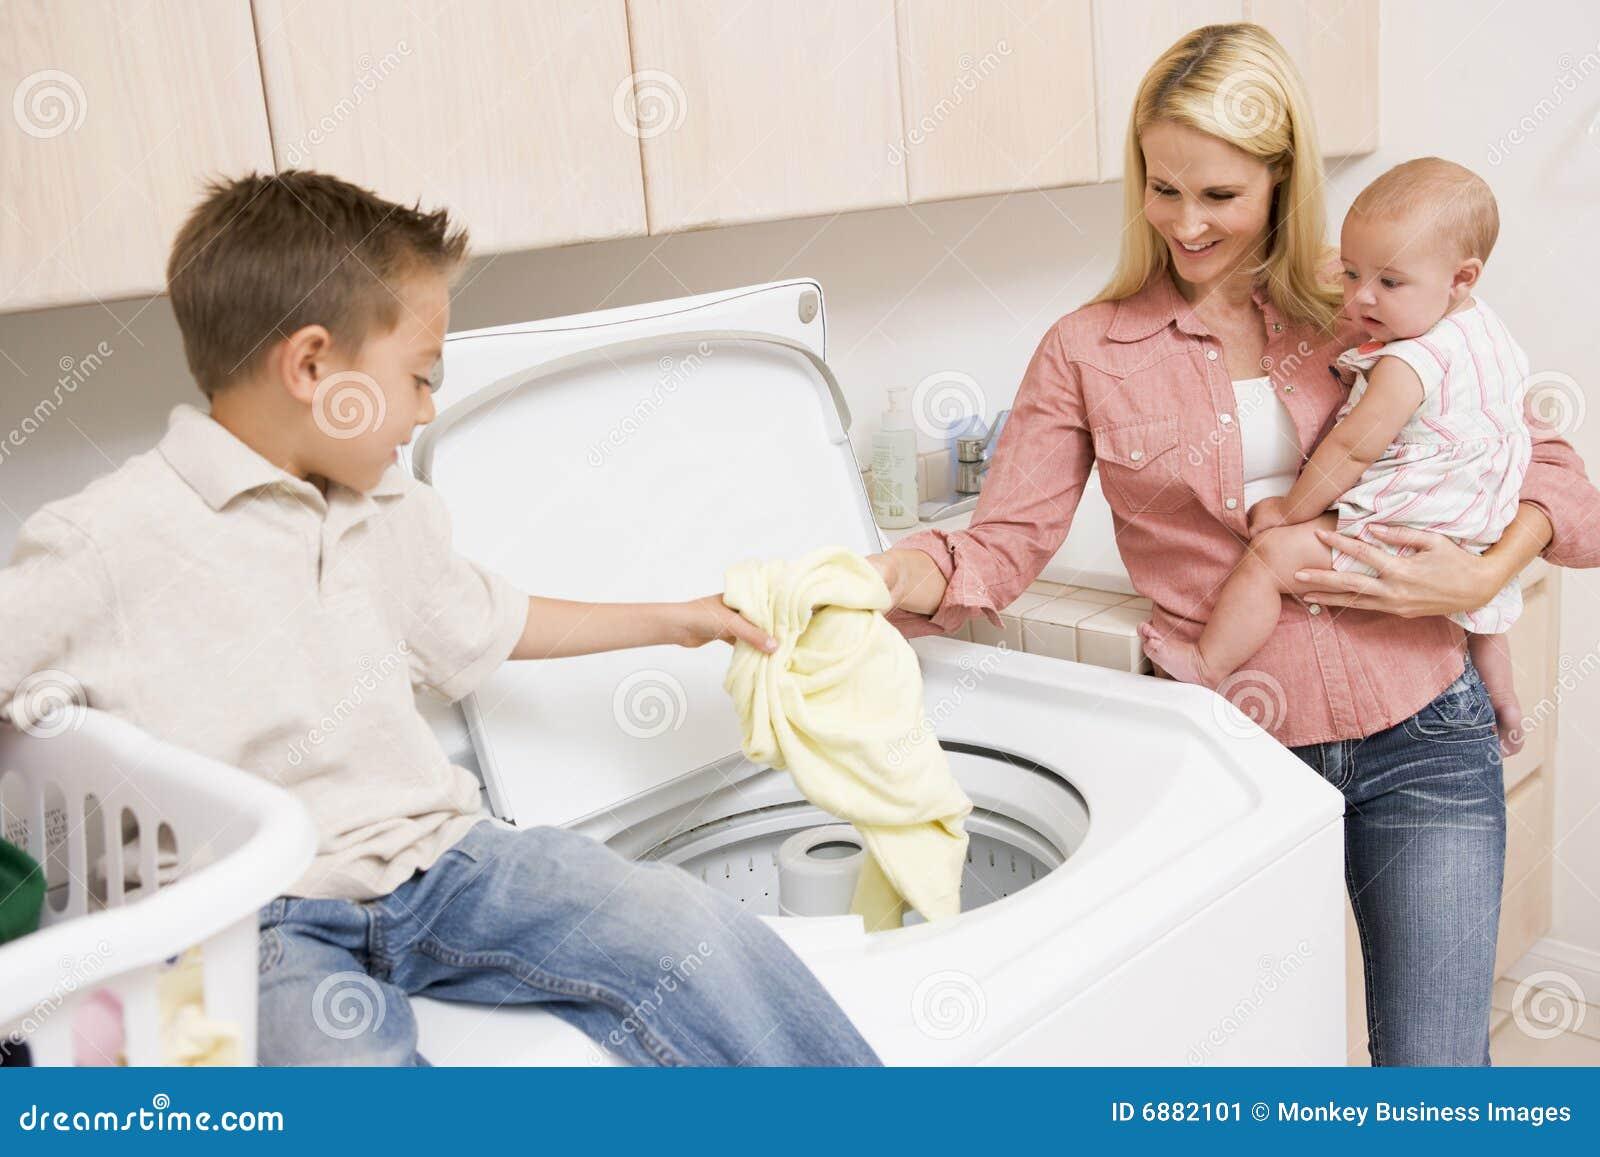 Moeder en Kinderen die Wasserij doen